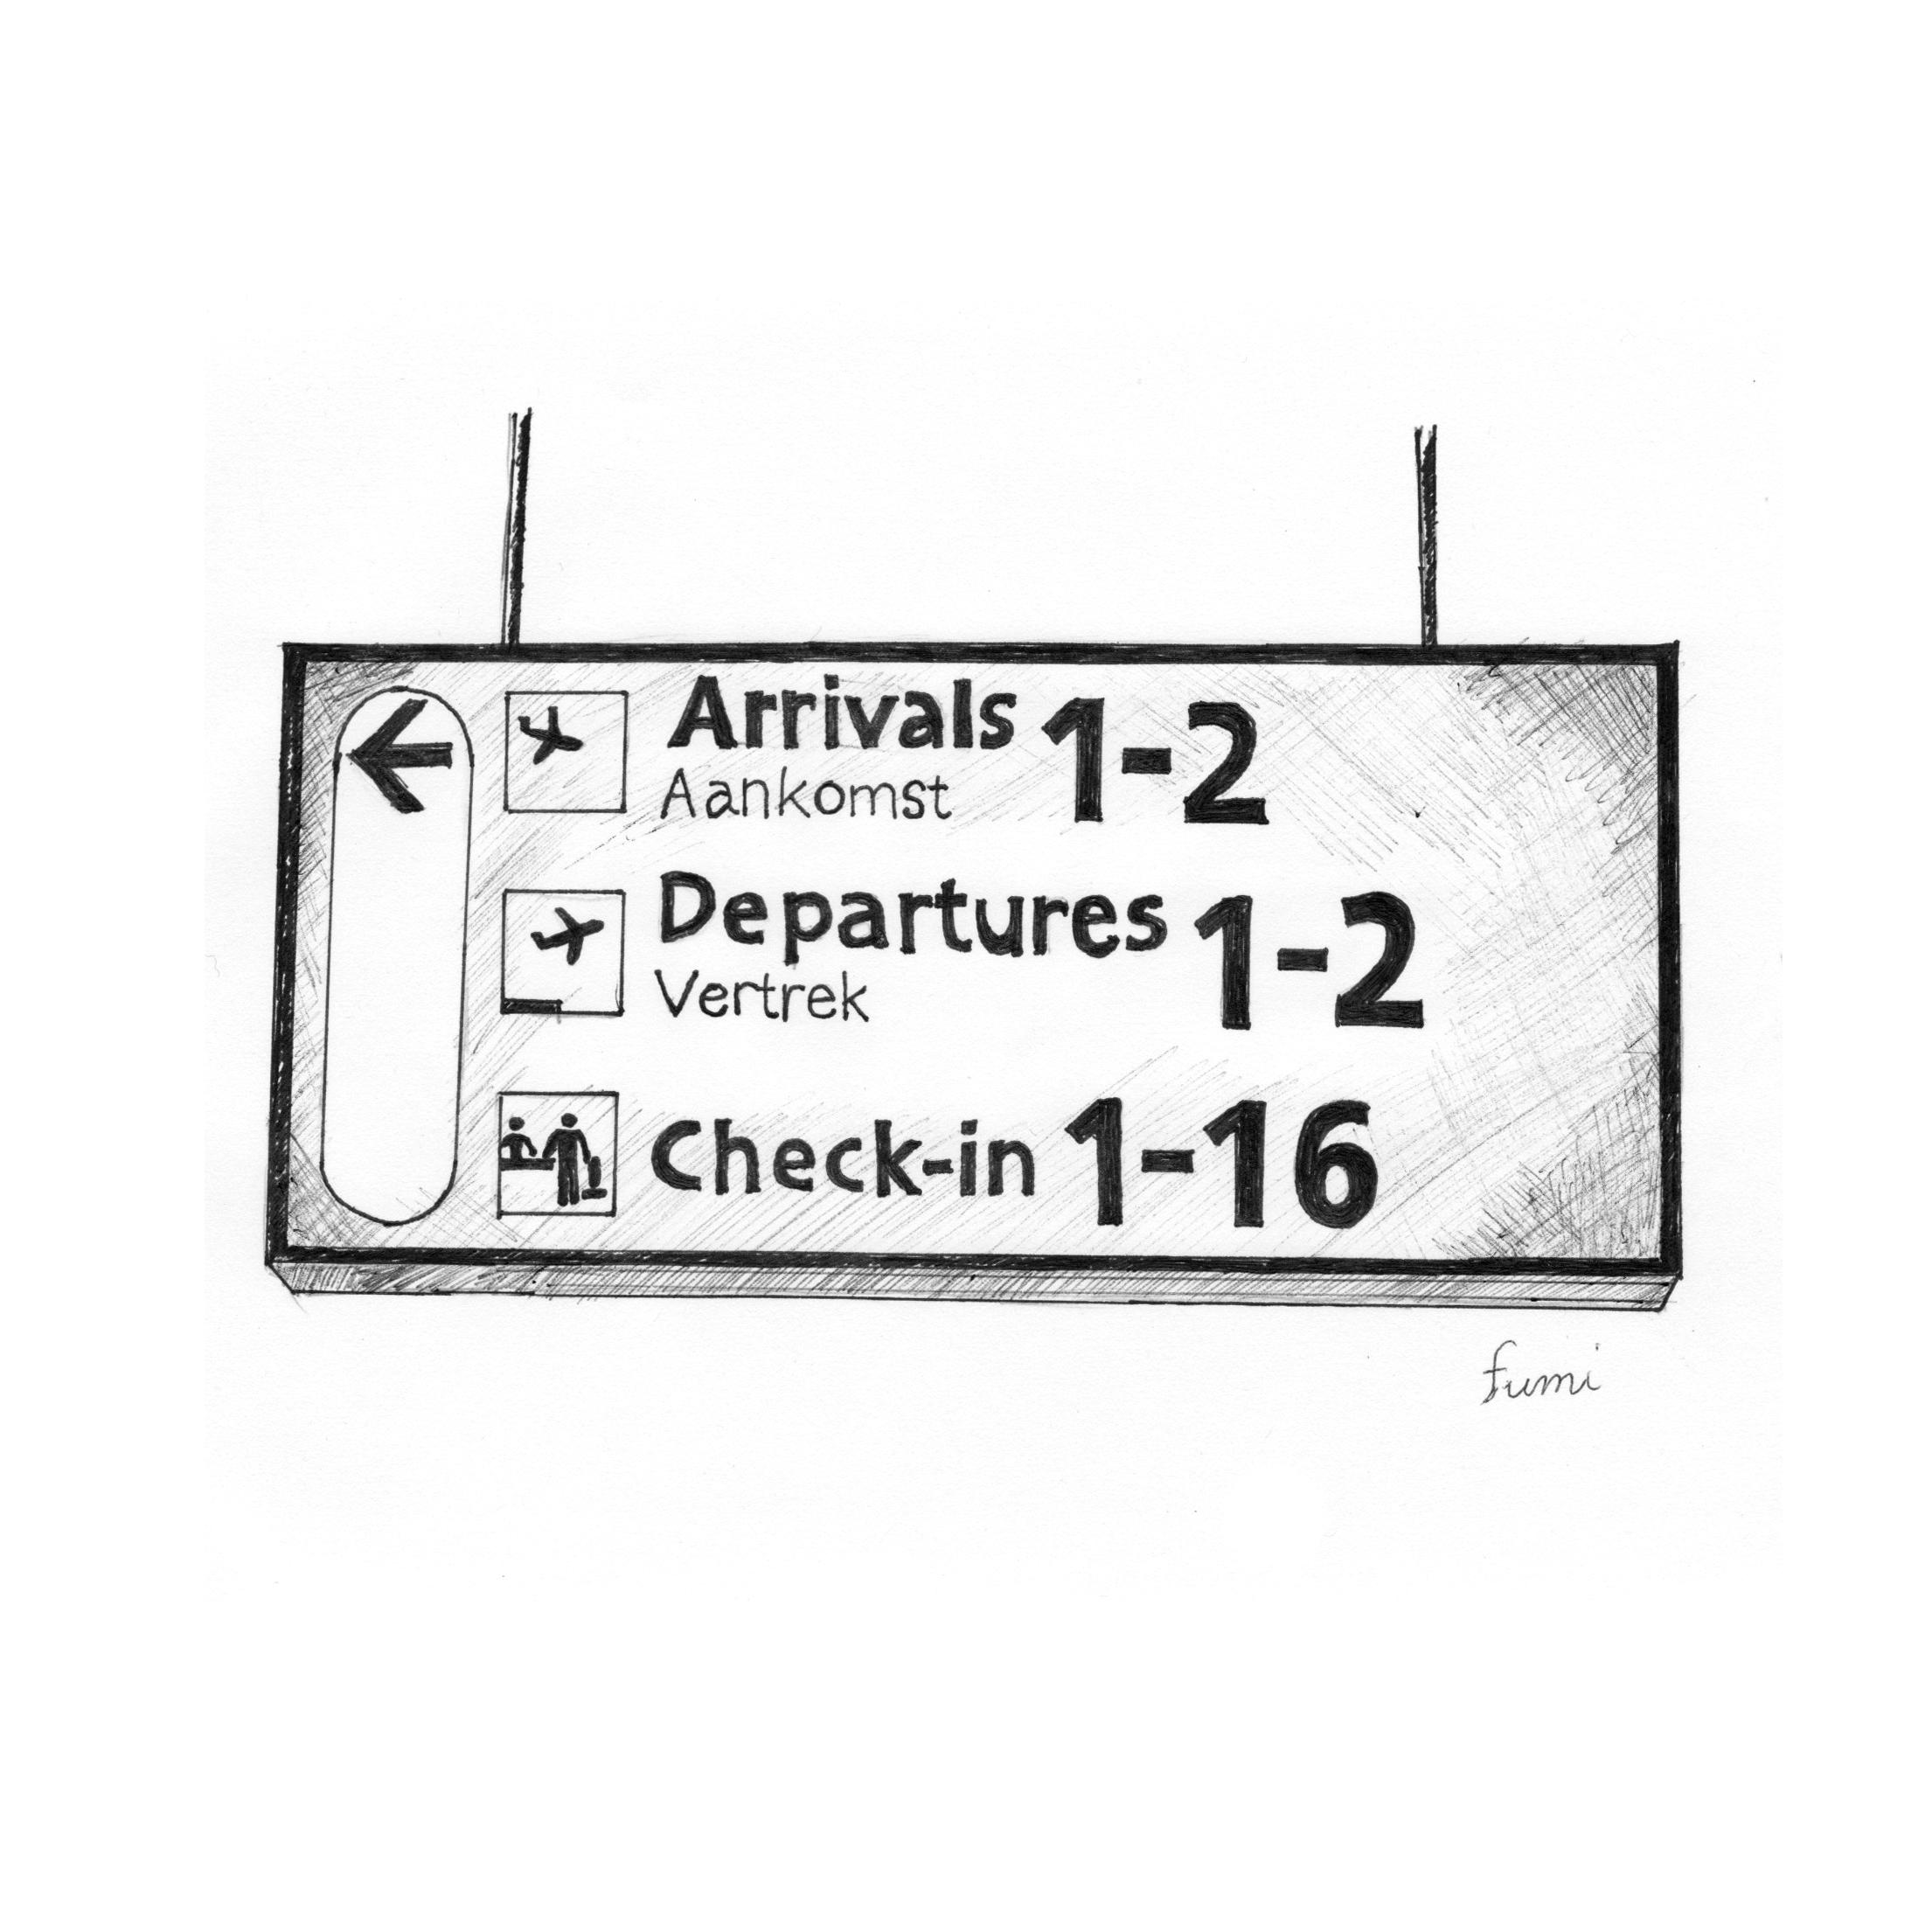 空港の気になるサインデザイン